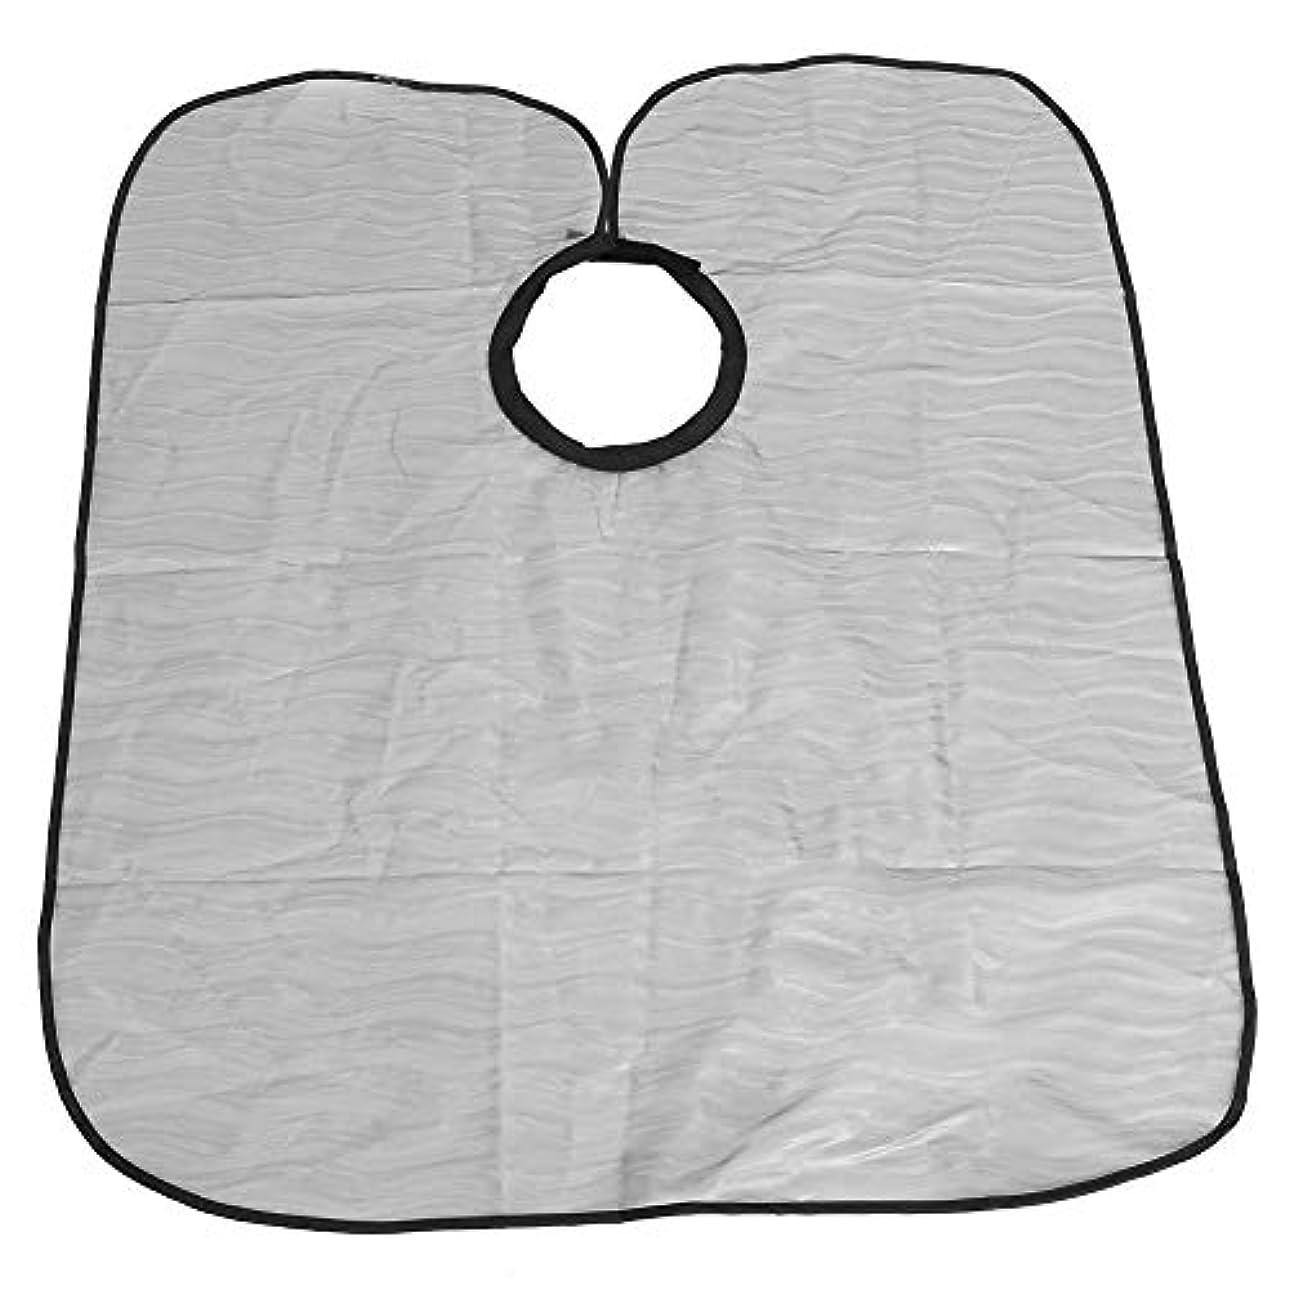 クマノミシロナガスクジラ間接的プロのサロンケープ、防水サロンヘアカットケープ理髪布ヘアスタイリストガウン理髪ケープ(S)